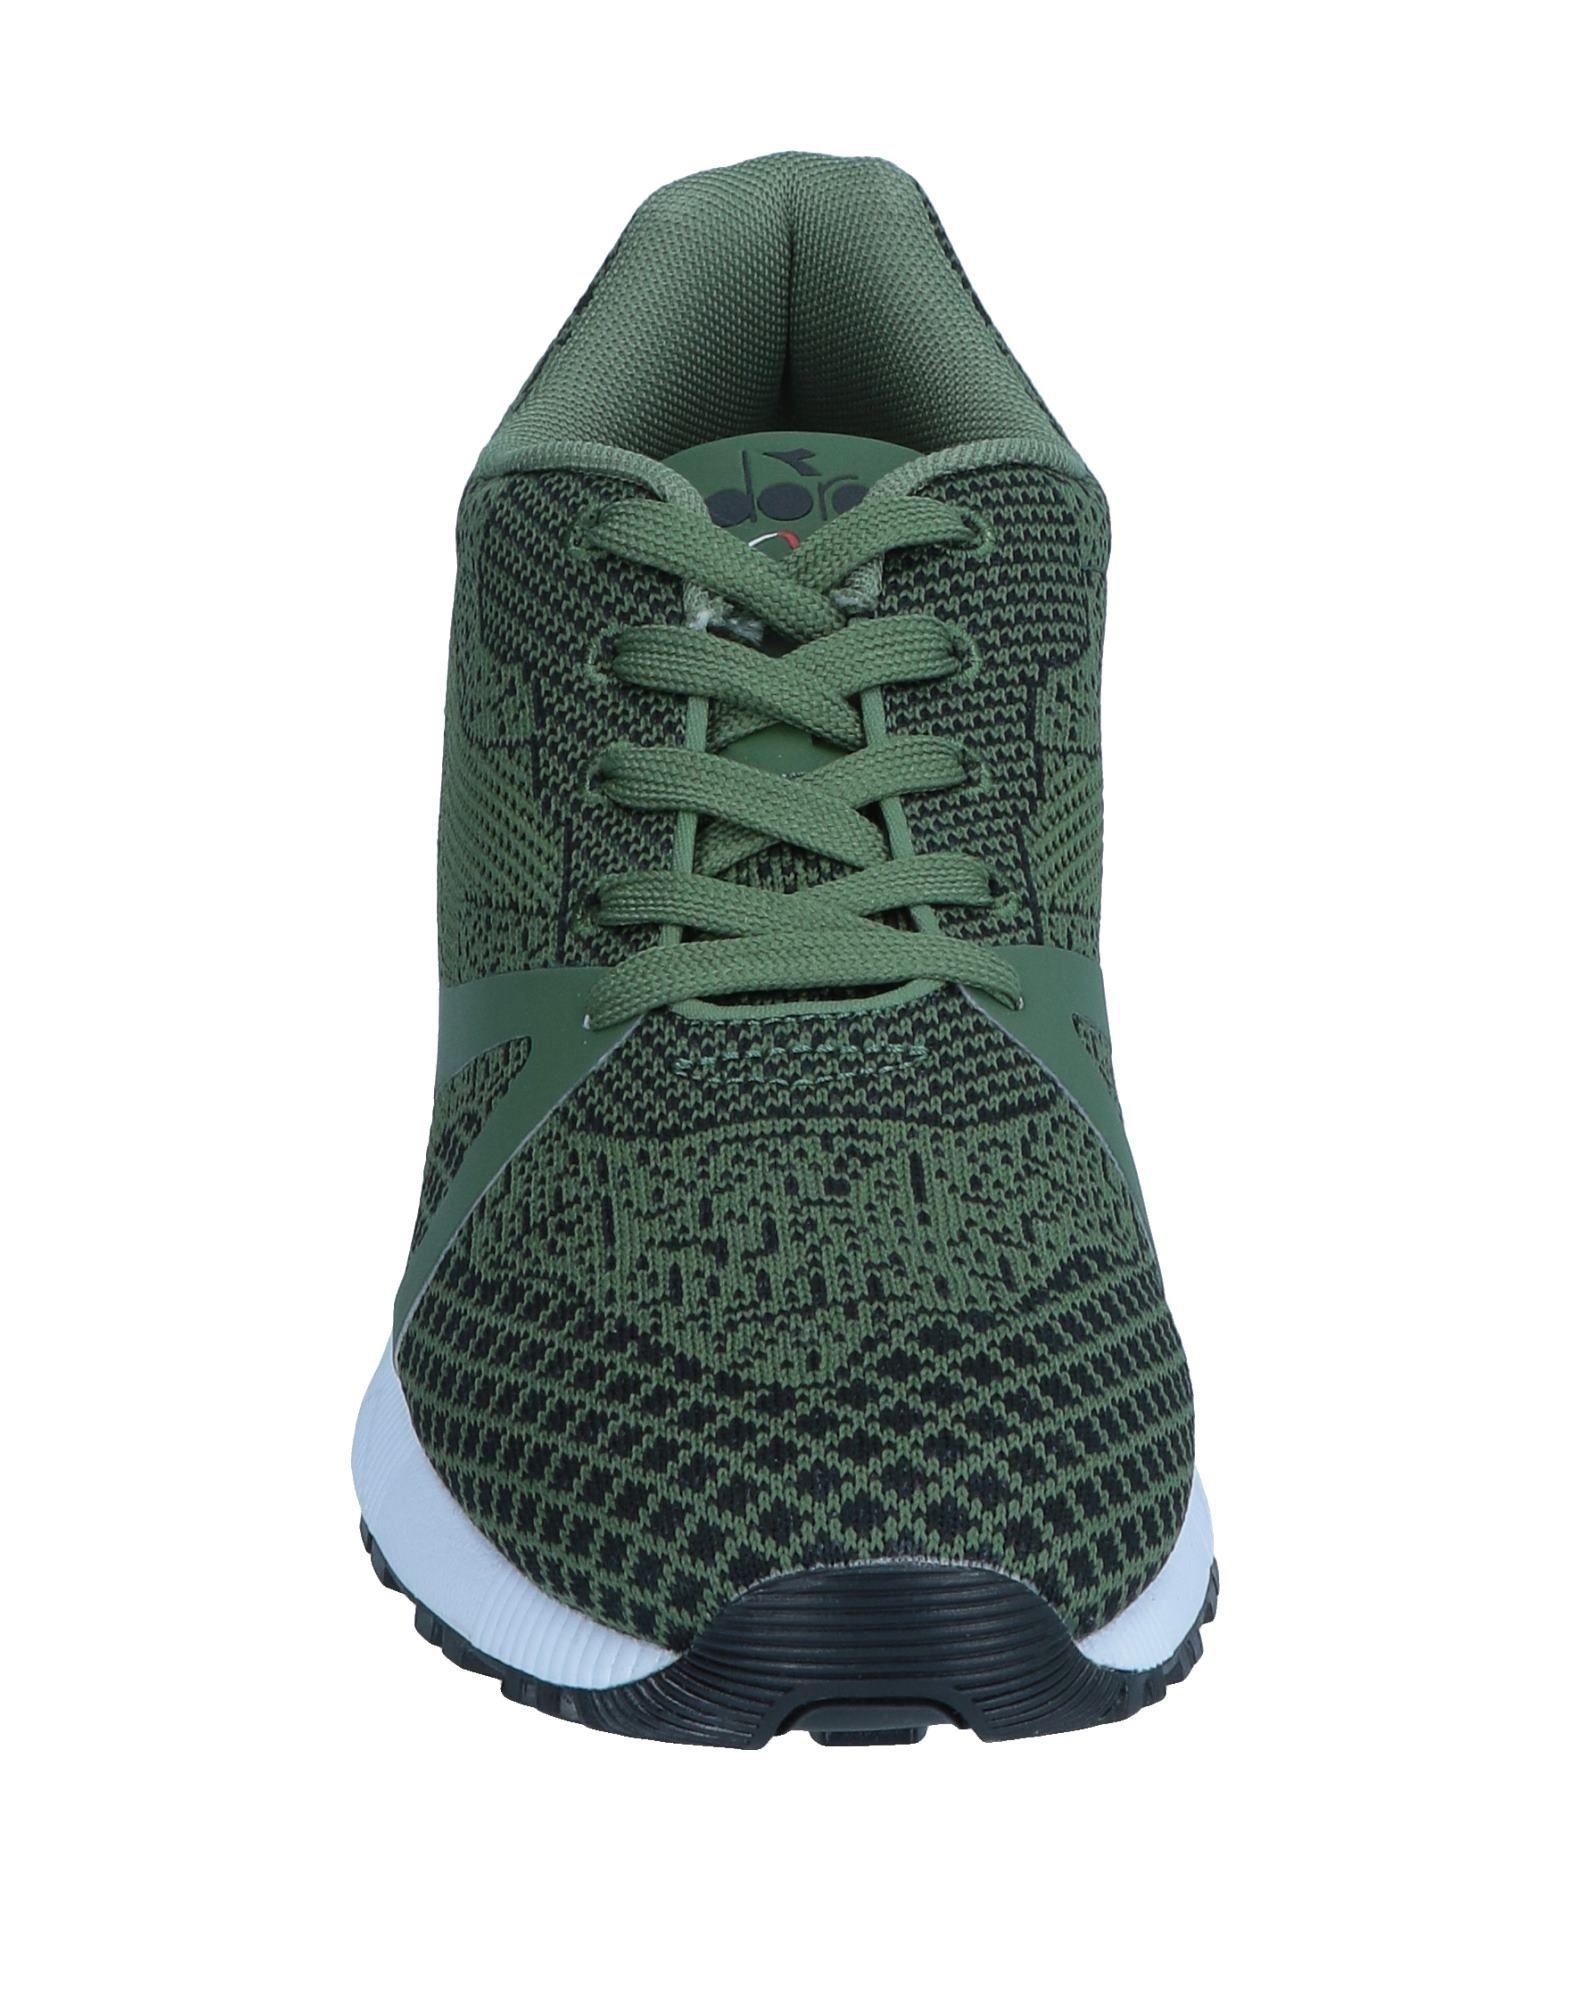 Diadora Sneakers Sneakers Diadora Herren  11545643CG 0f8331